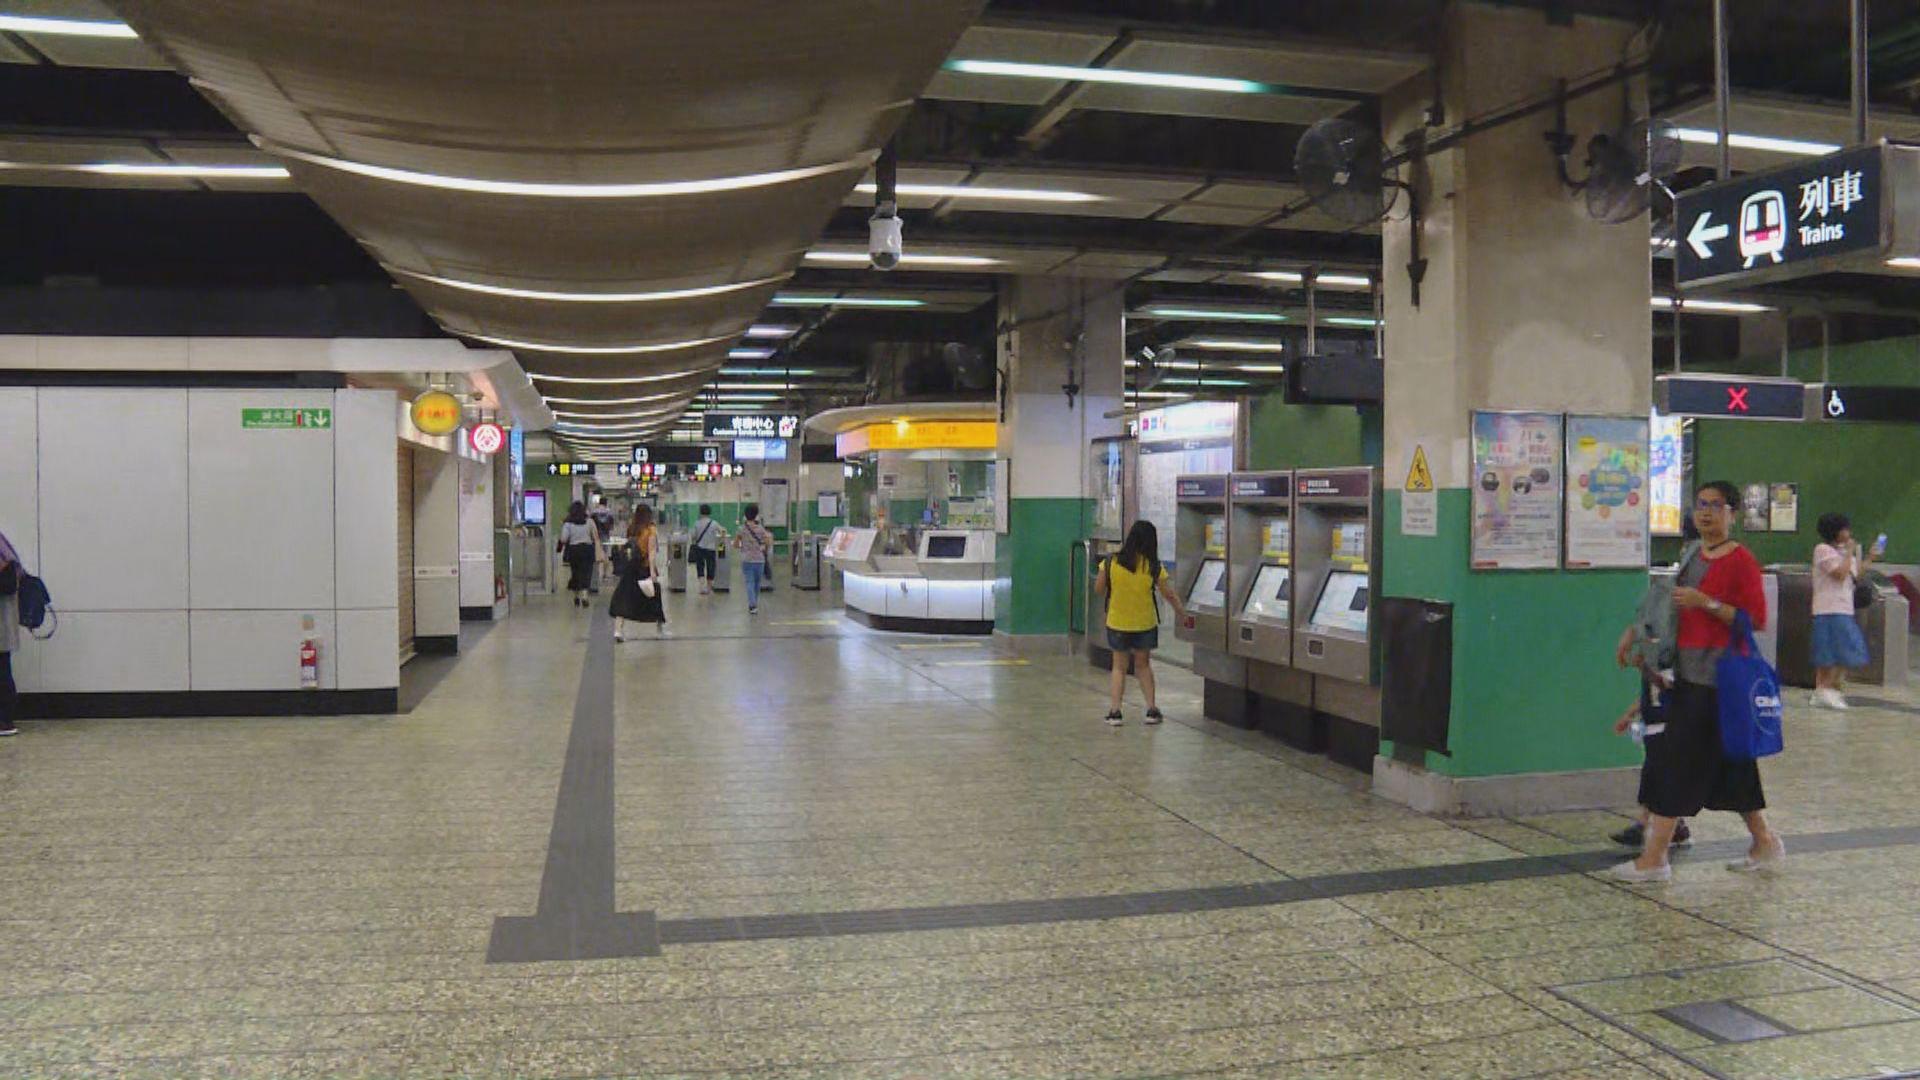 荃灣、荃灣西及葵芳站一時半起關閉